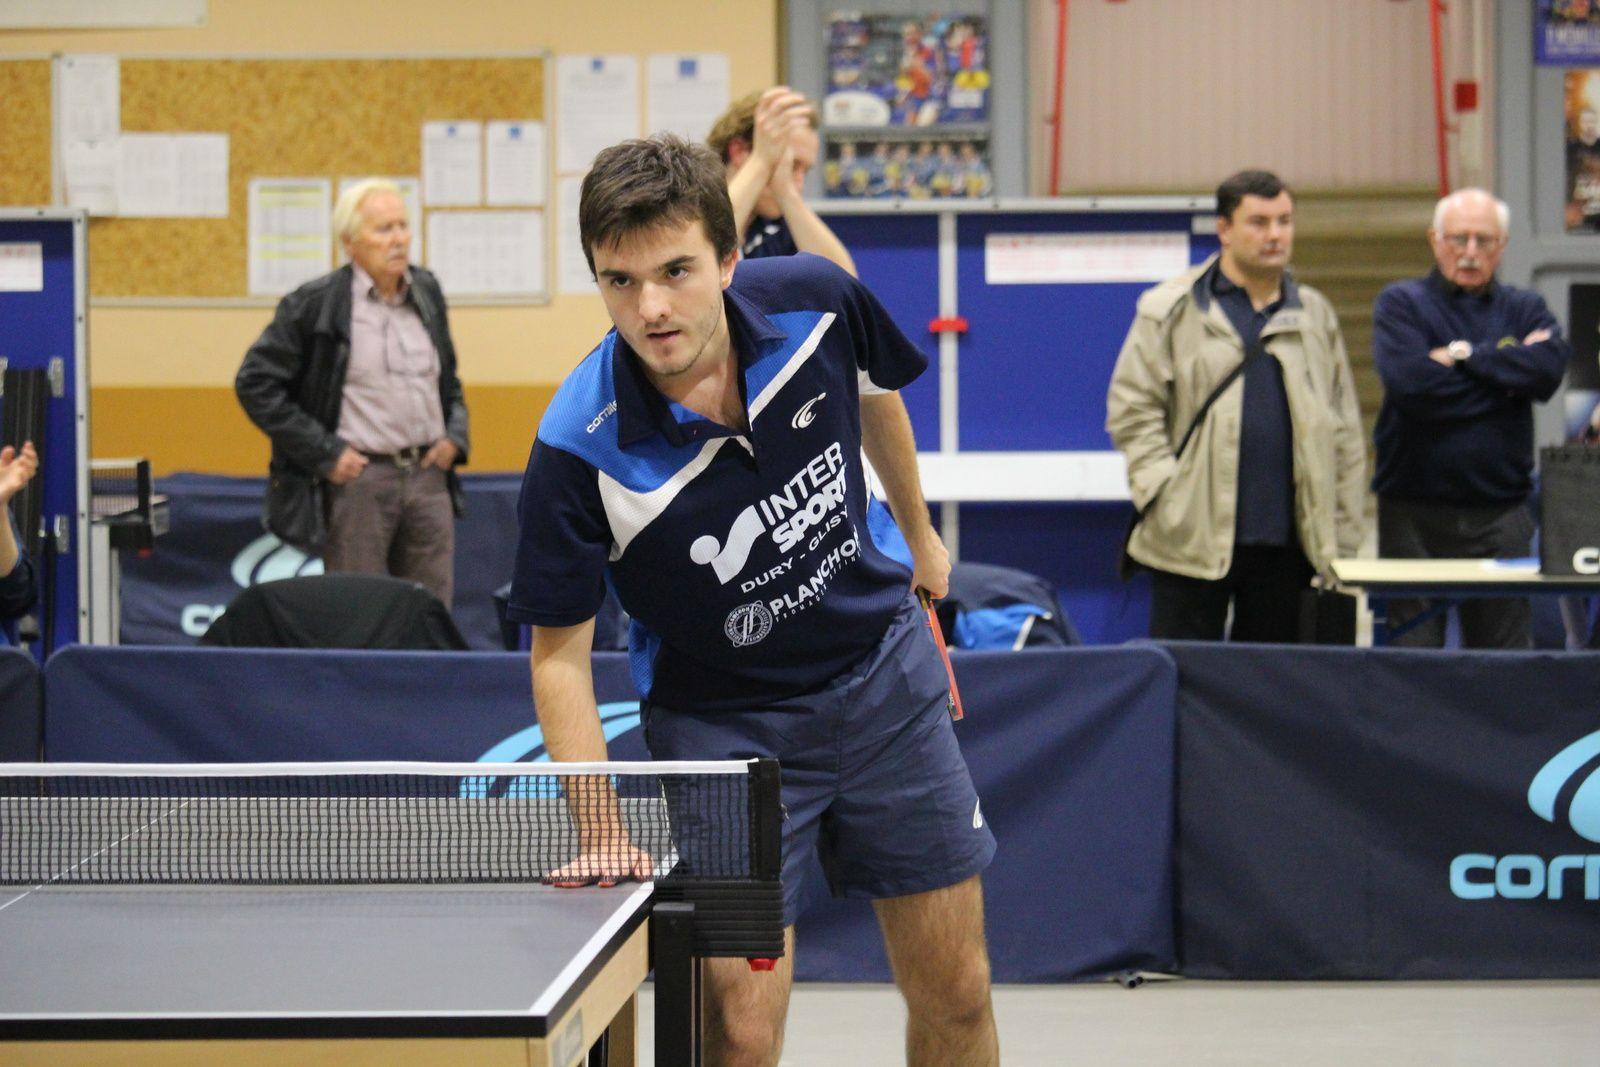 Raphaël s'incline contre Léo DE NODREST 3/0 (-7,-1,-6)